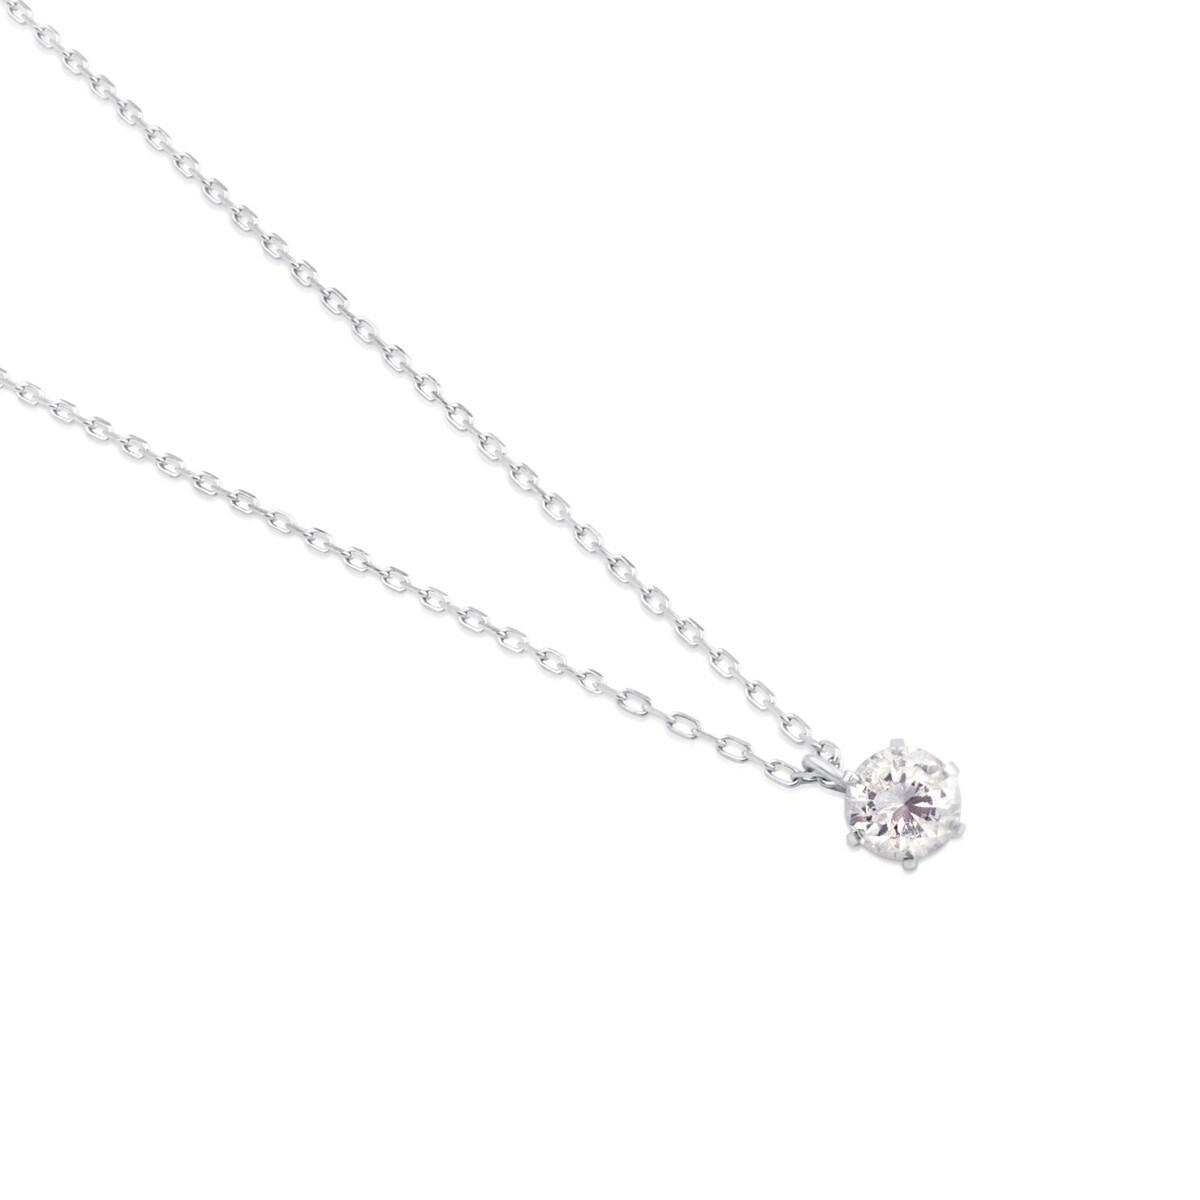 620d70606fdd Collar TOUS Diamonds de Oro blanco con Diamantes - Sitio web Tous España